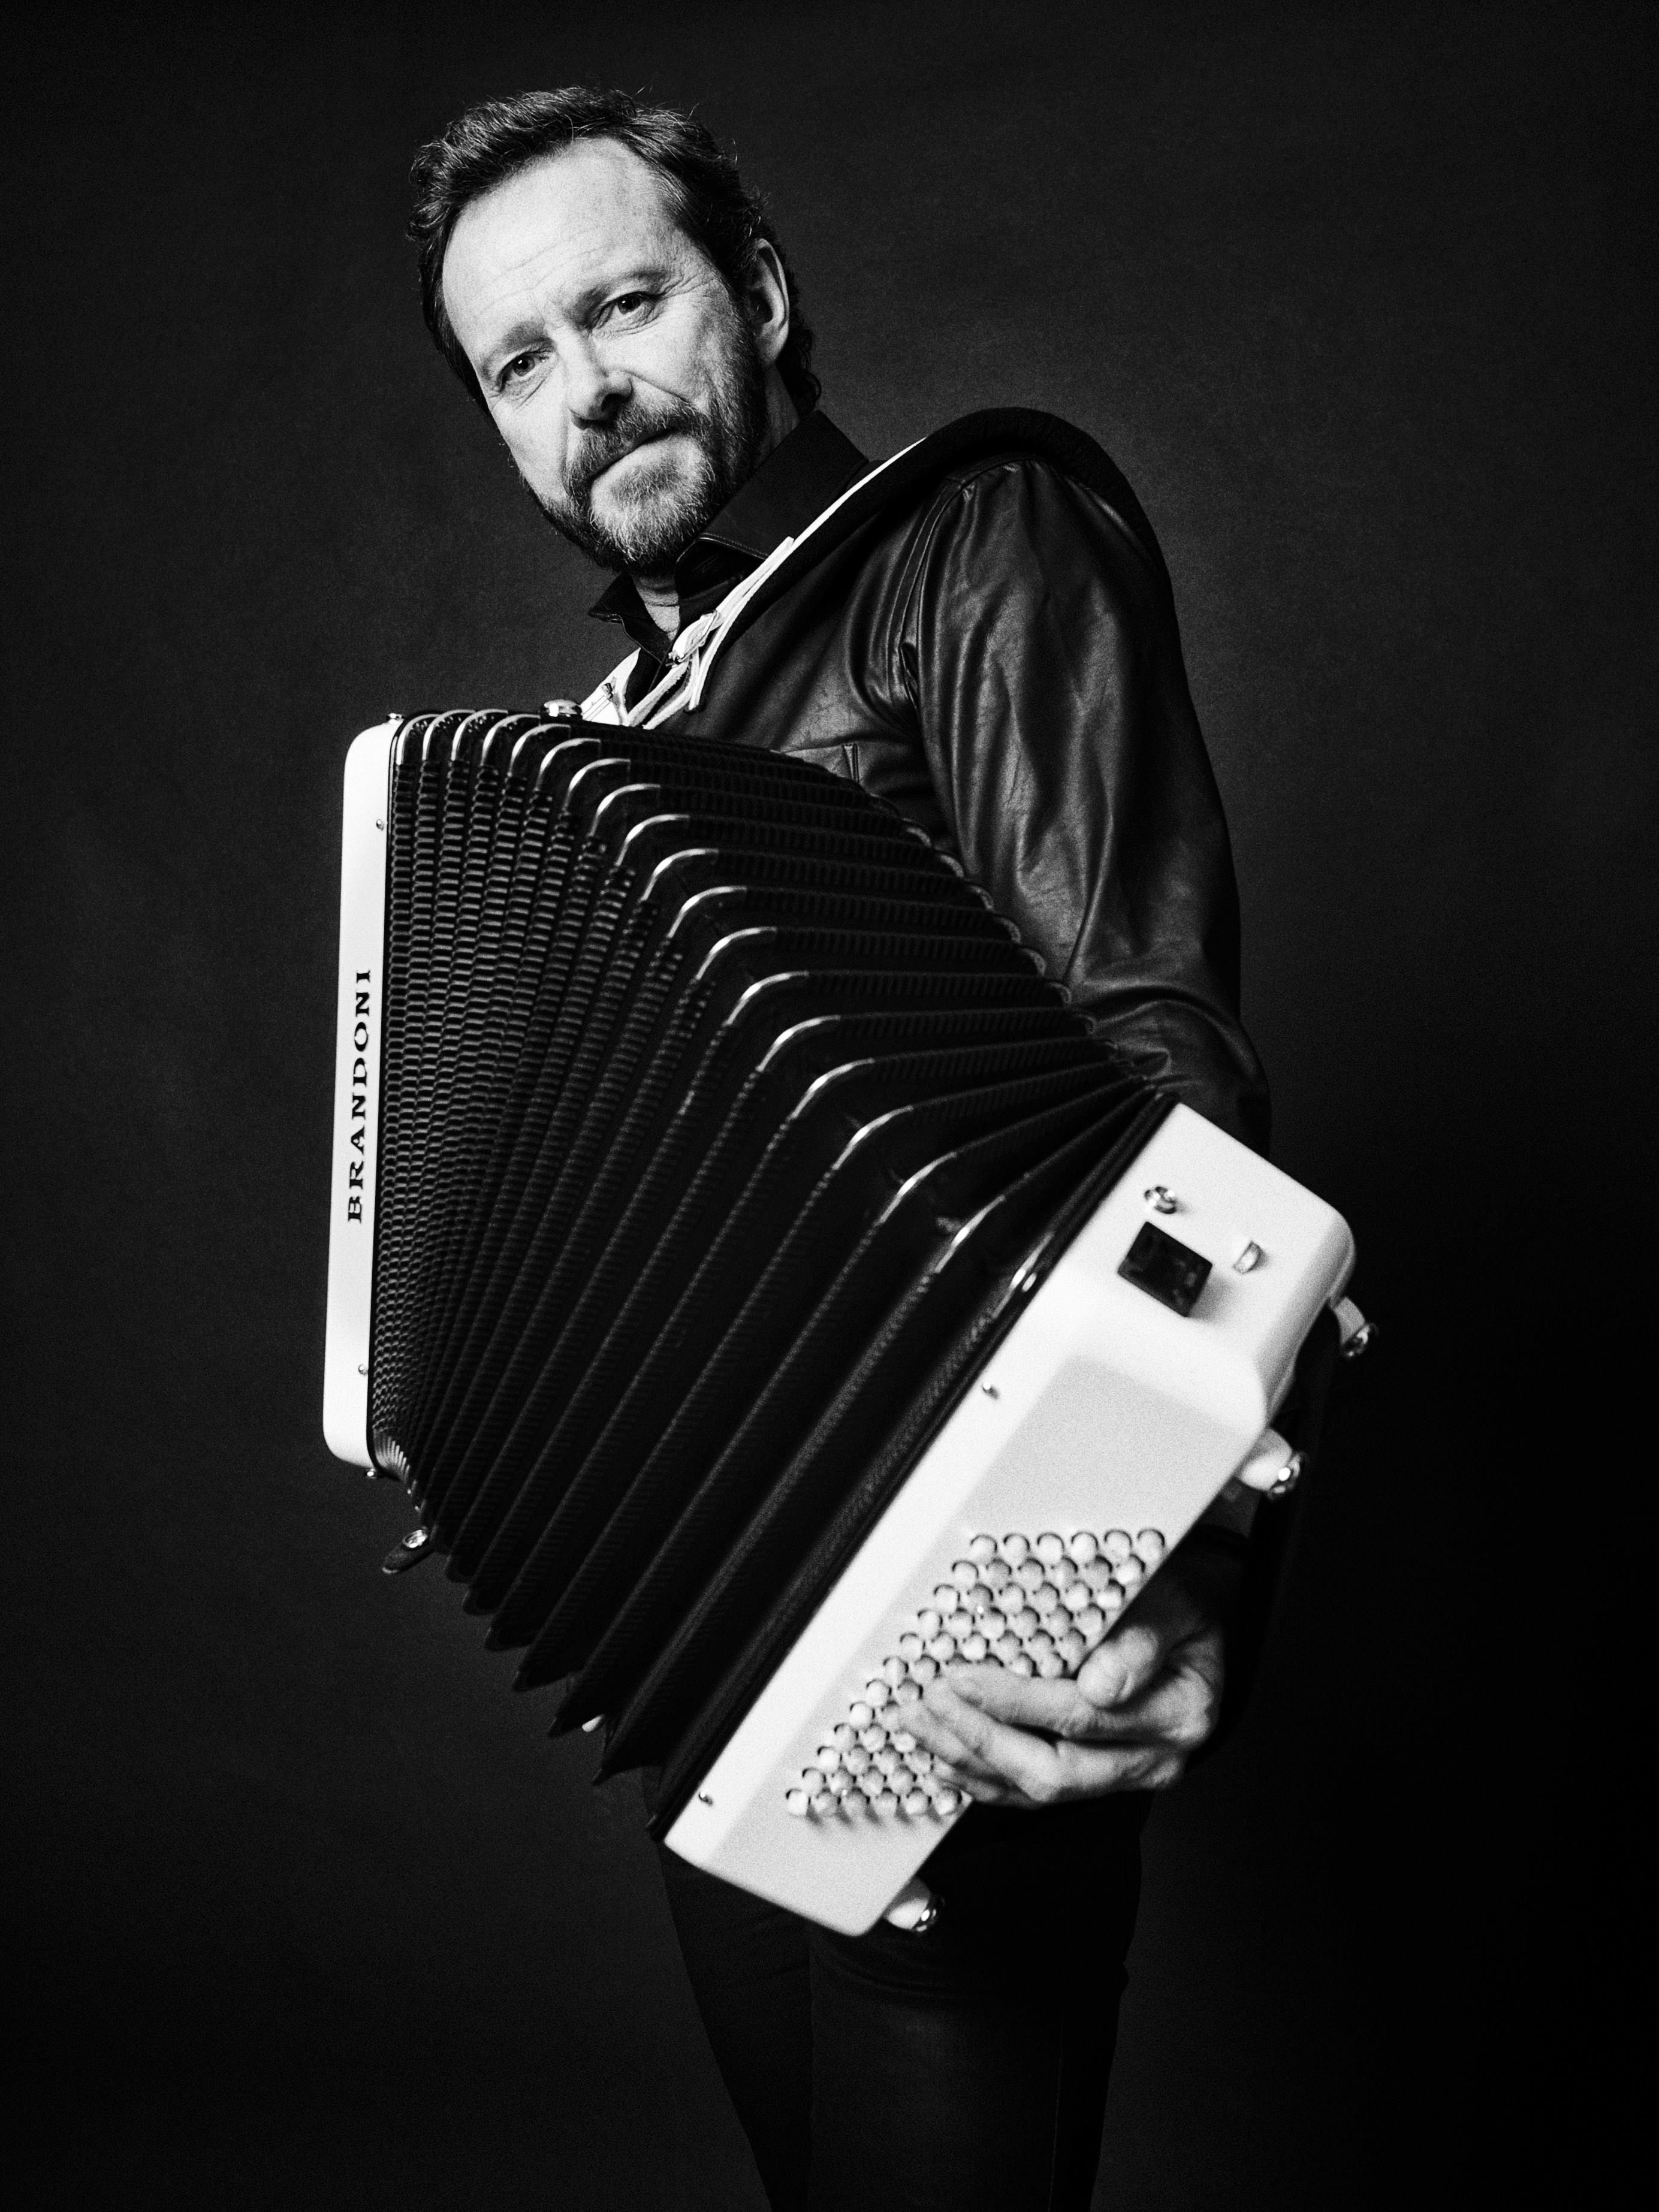 © Hasse Lindén, Musiksoppa med Bengan Janson - Mästare med närkontakt